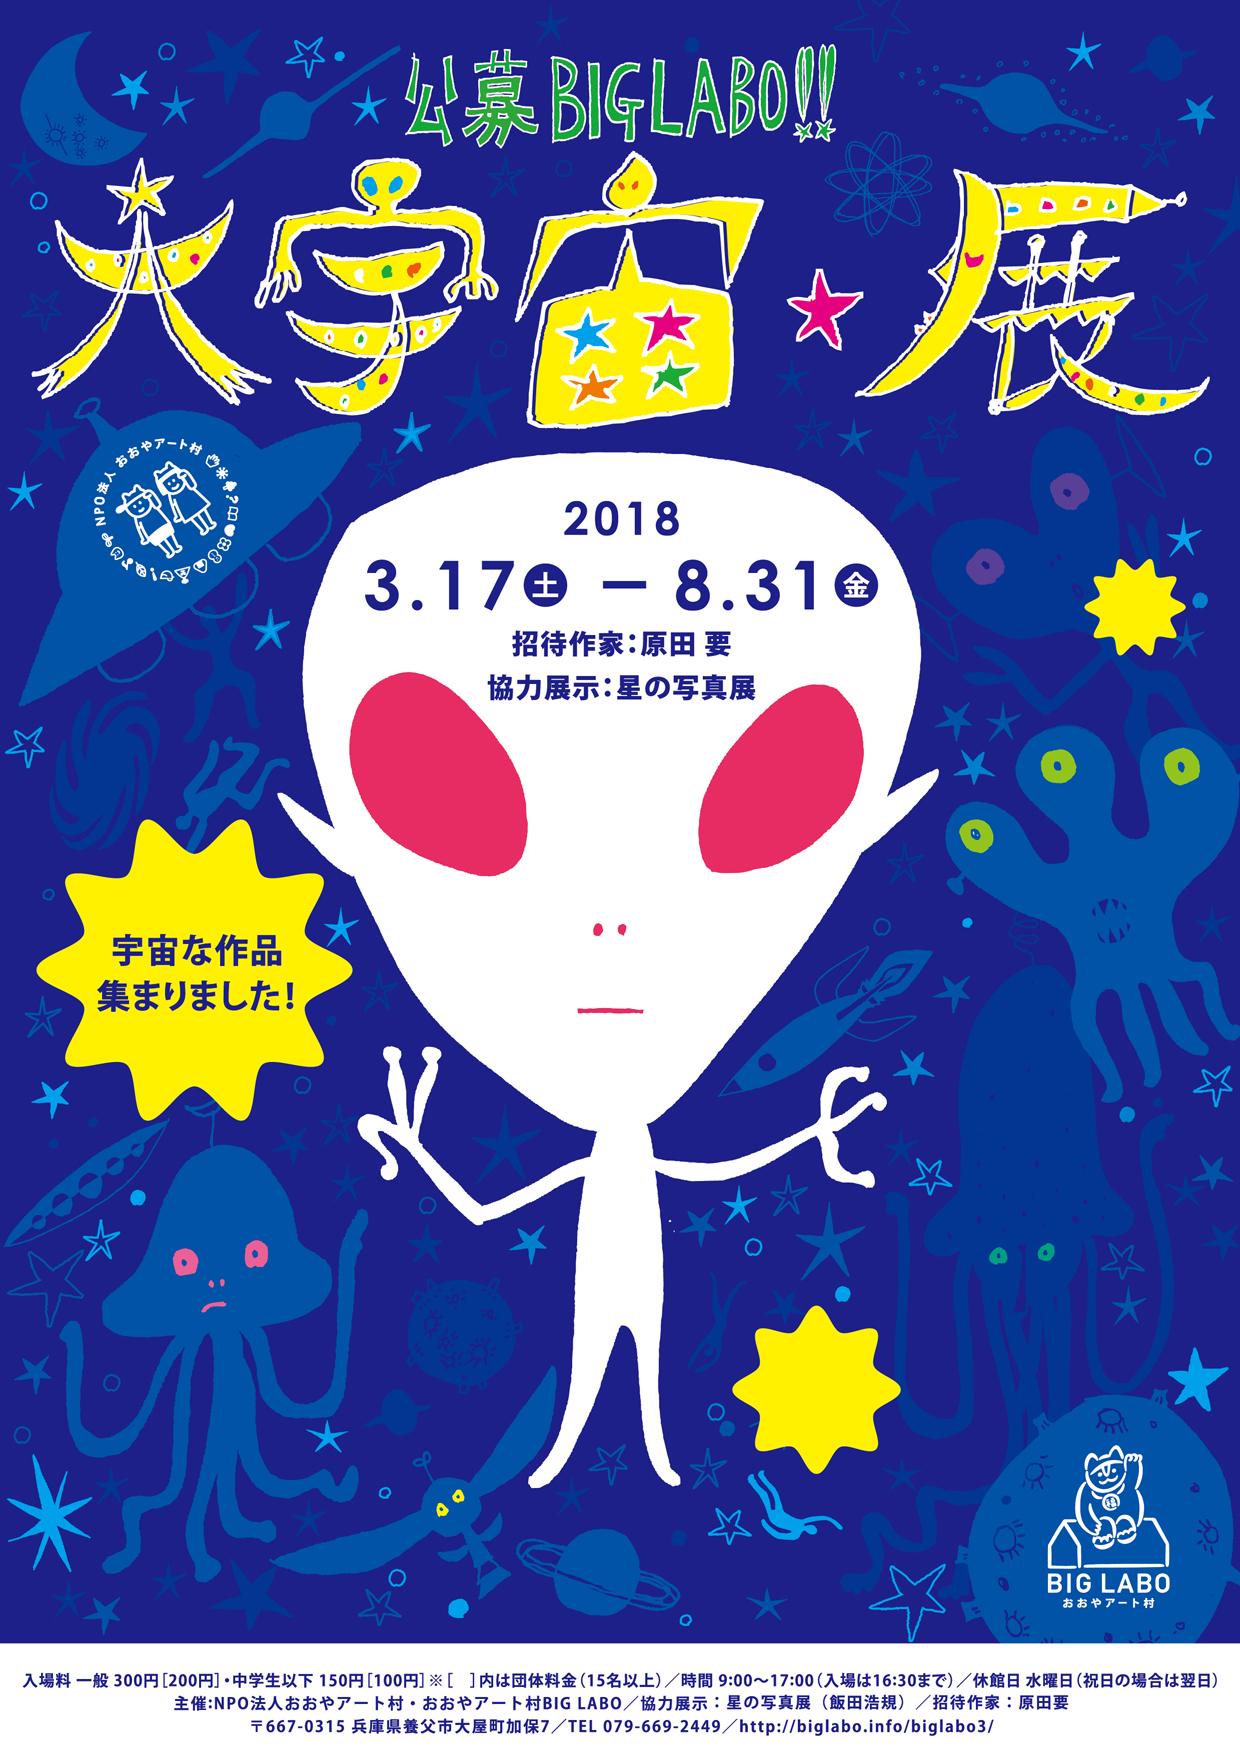 【イベント情報】 大宇宙展 開催!!(おおやアート村BIGLABO)